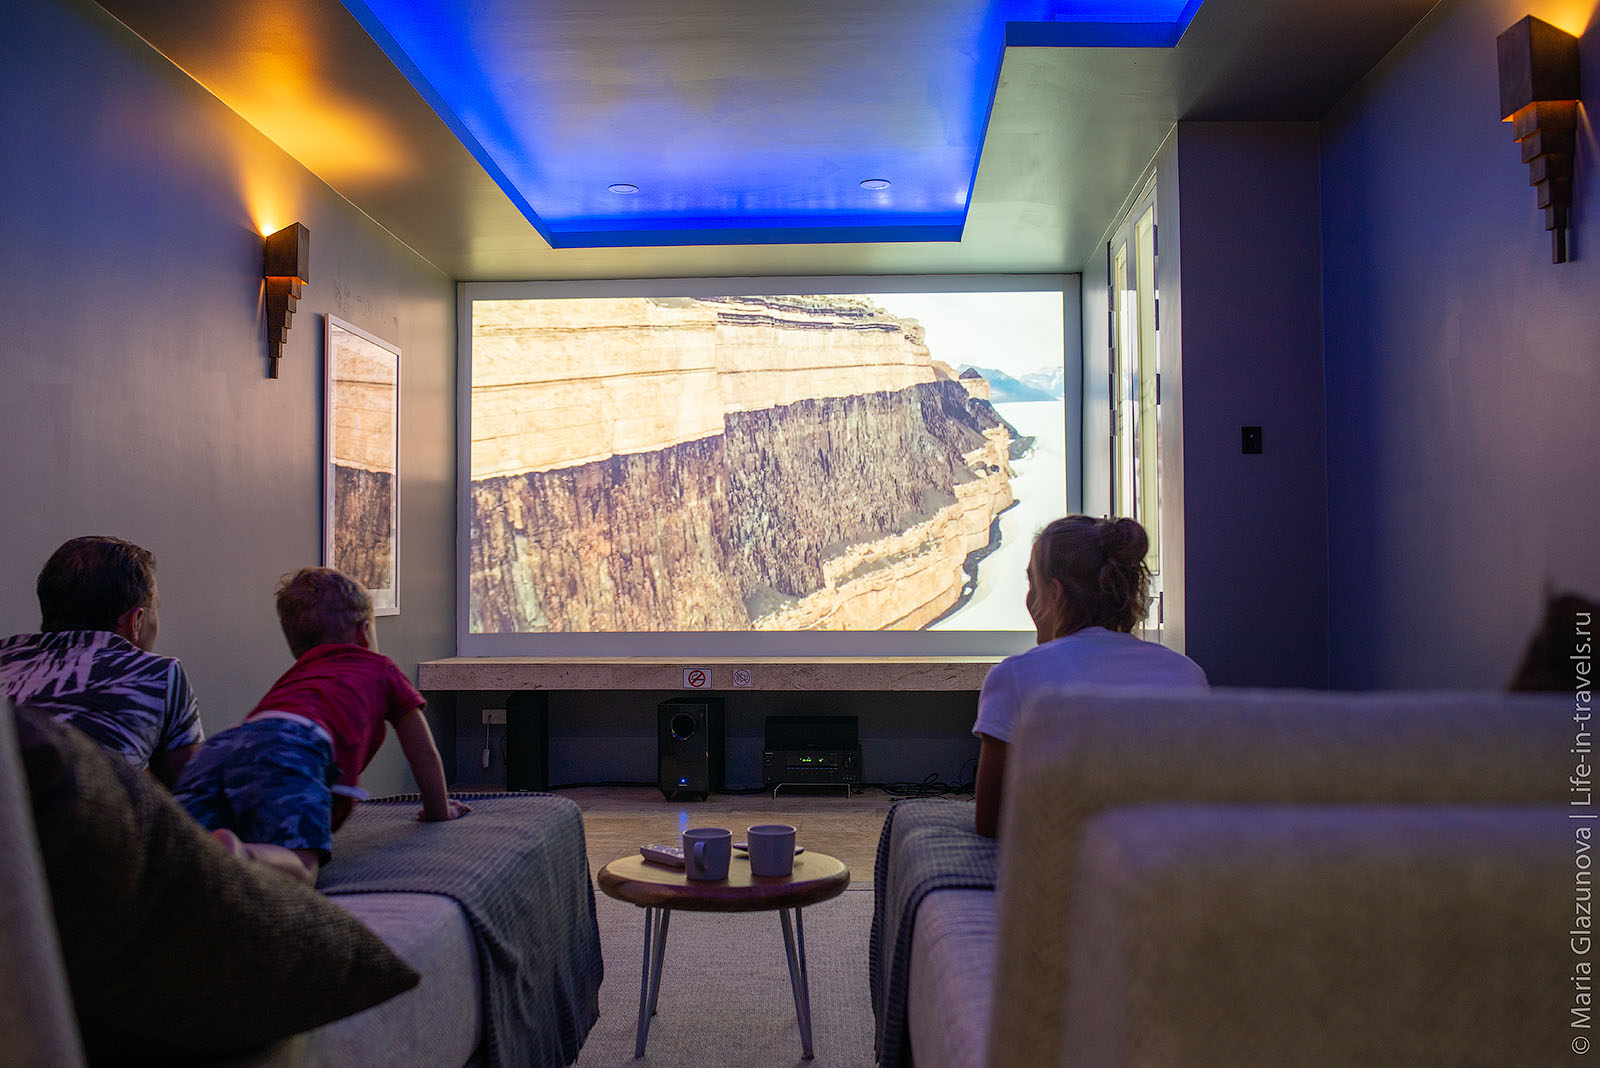 Виллы на берегу и мини-кинотеатр прямо в номере – все это в отеле Skye Beach Hotel на Самуи